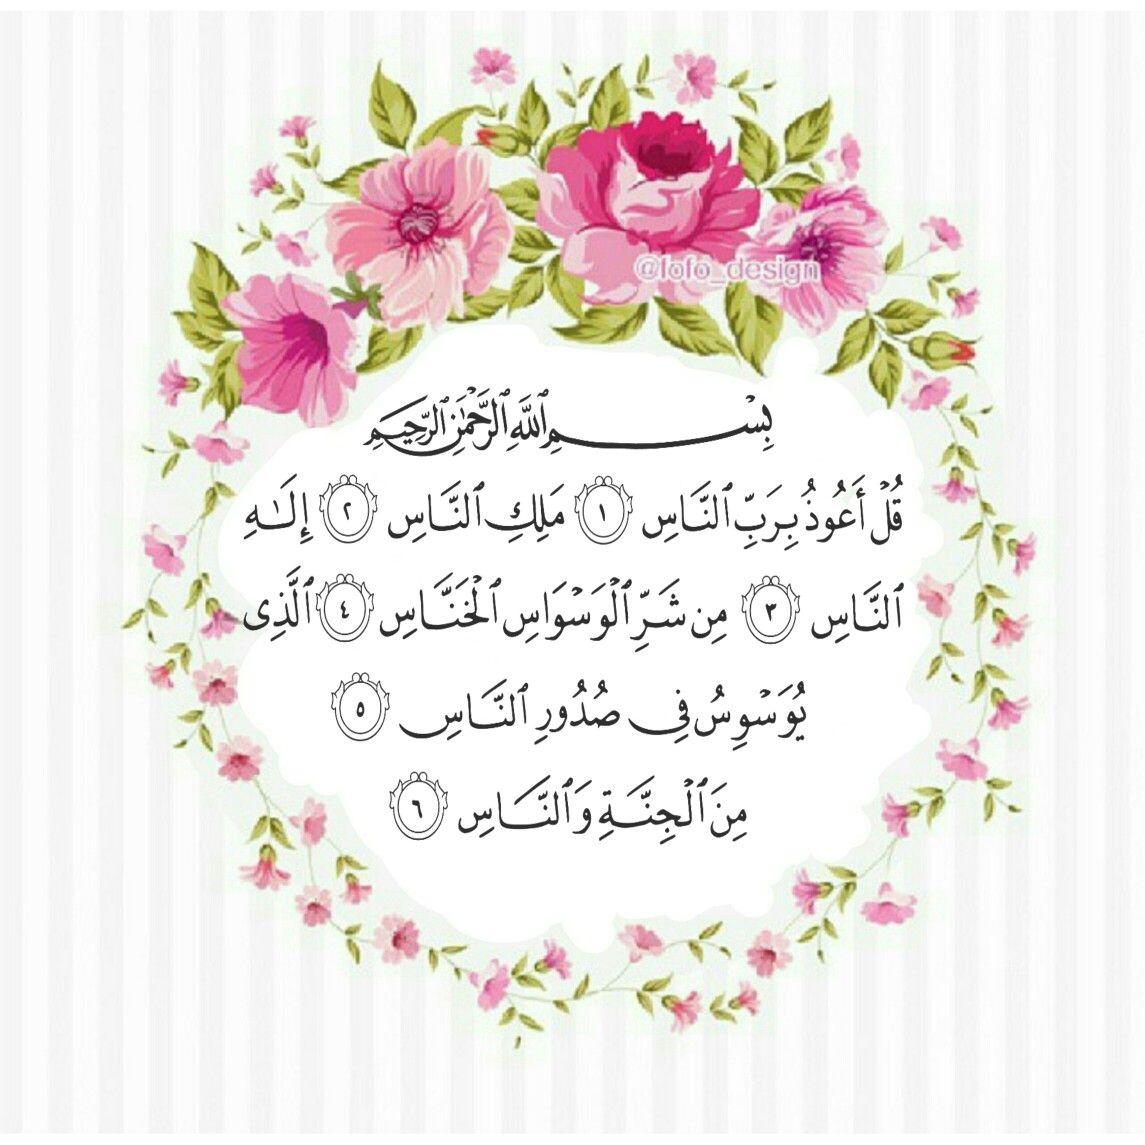 سورة الناس Islamic Art Calligraphy Islam Beliefs Islamic Images